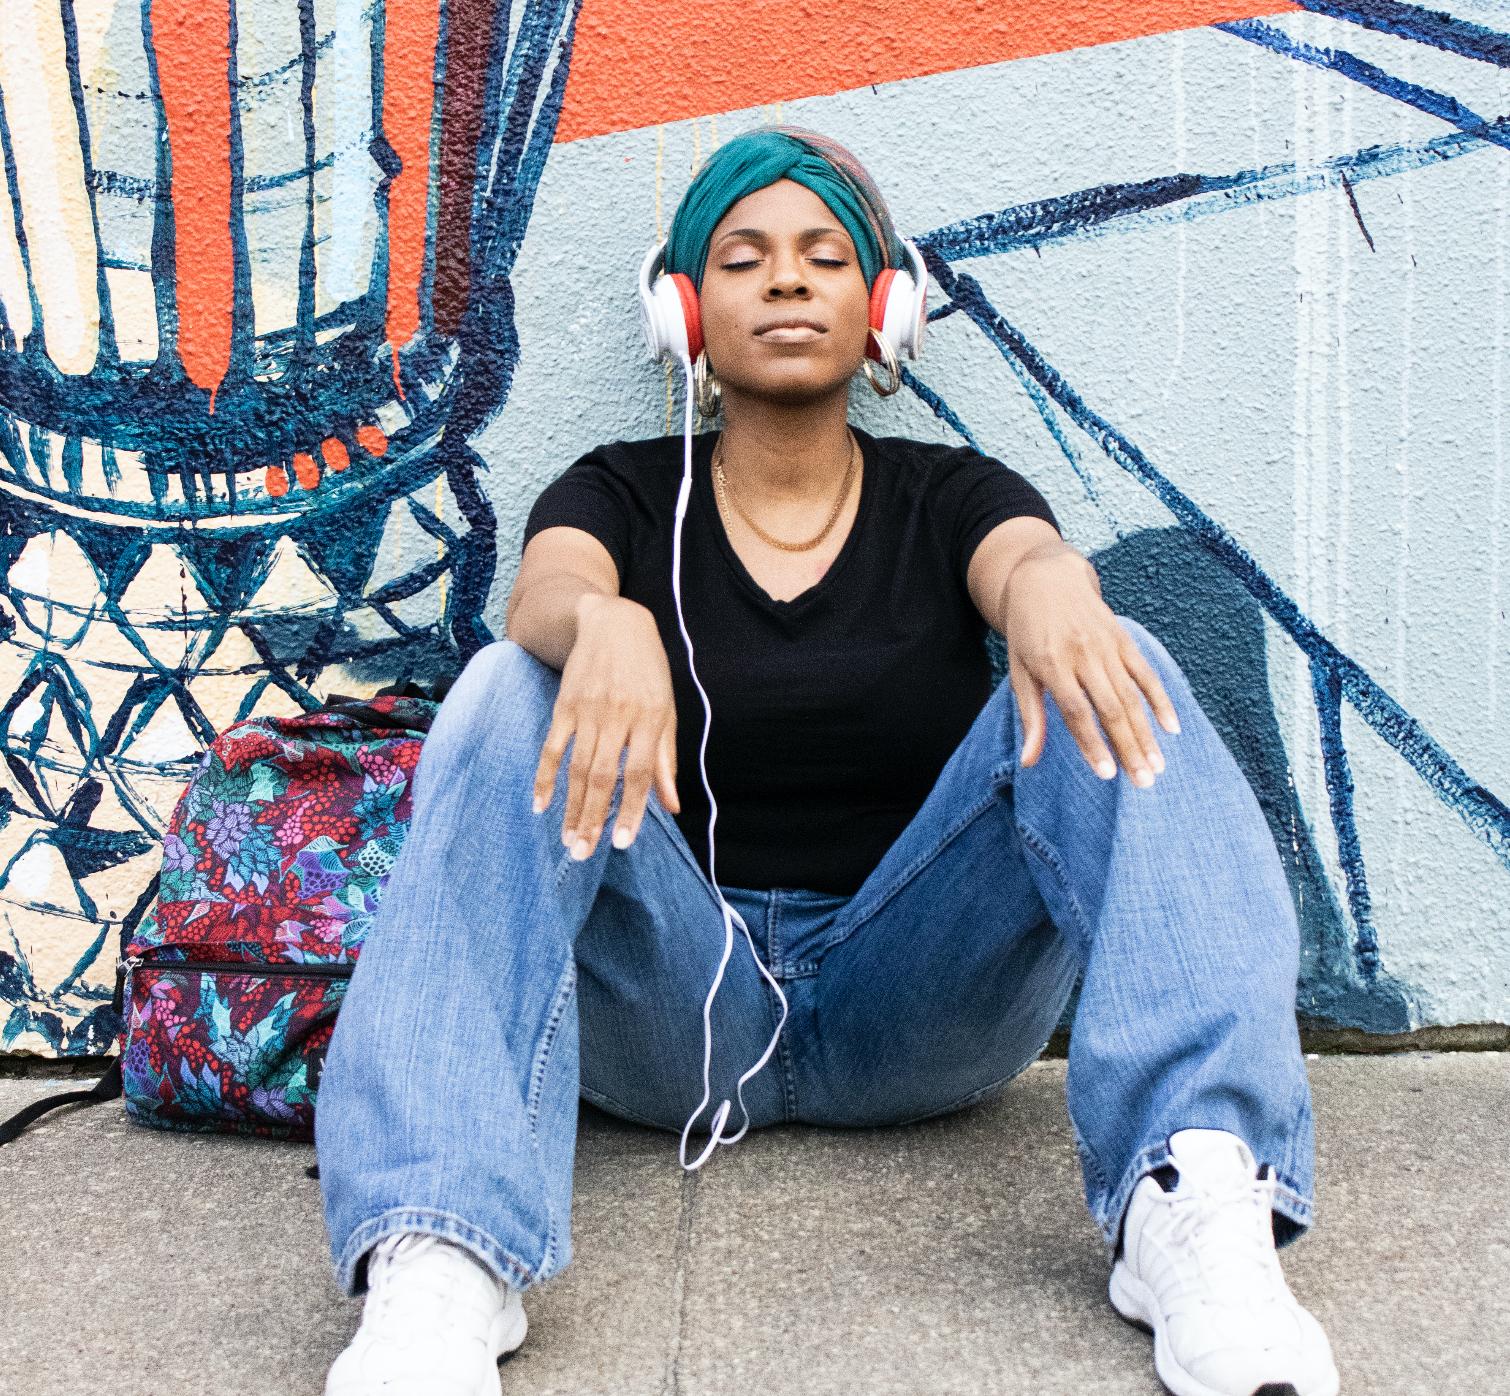 black-girl-with-headwrap-sitting-on-sidewalk-puckn-khaos